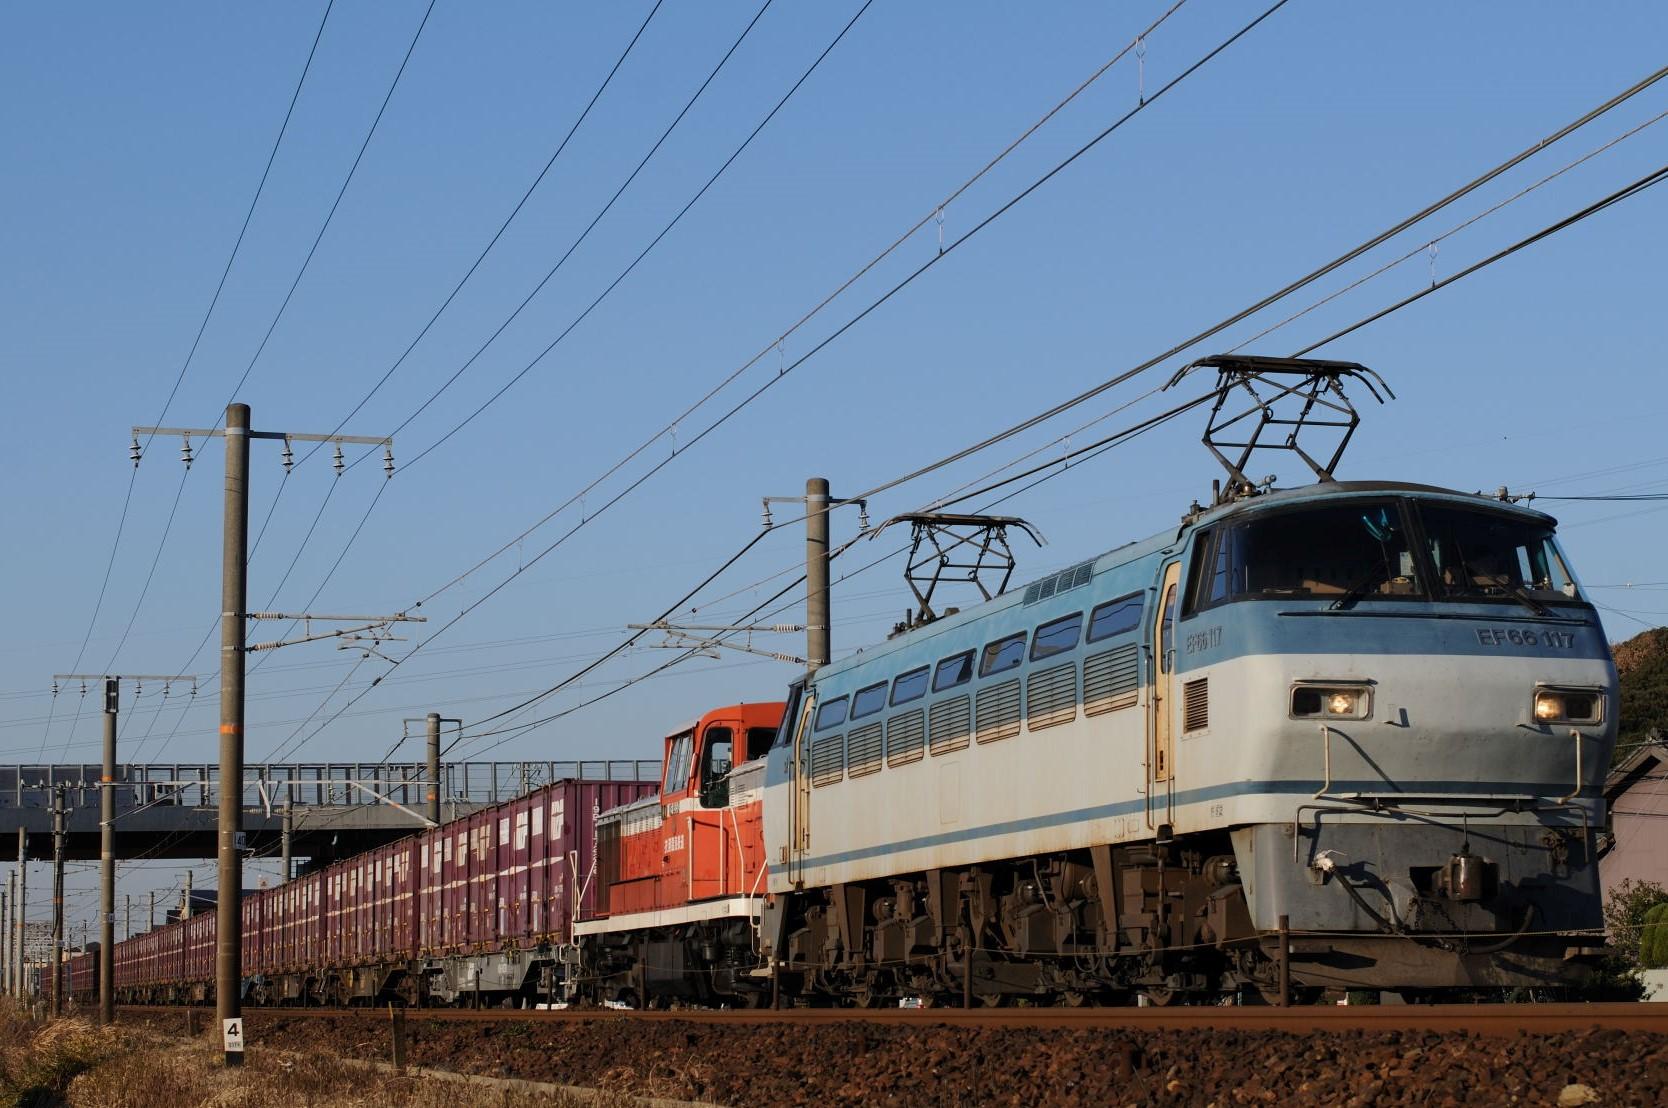 甲種回送される衣浦臨海鉄道KE65